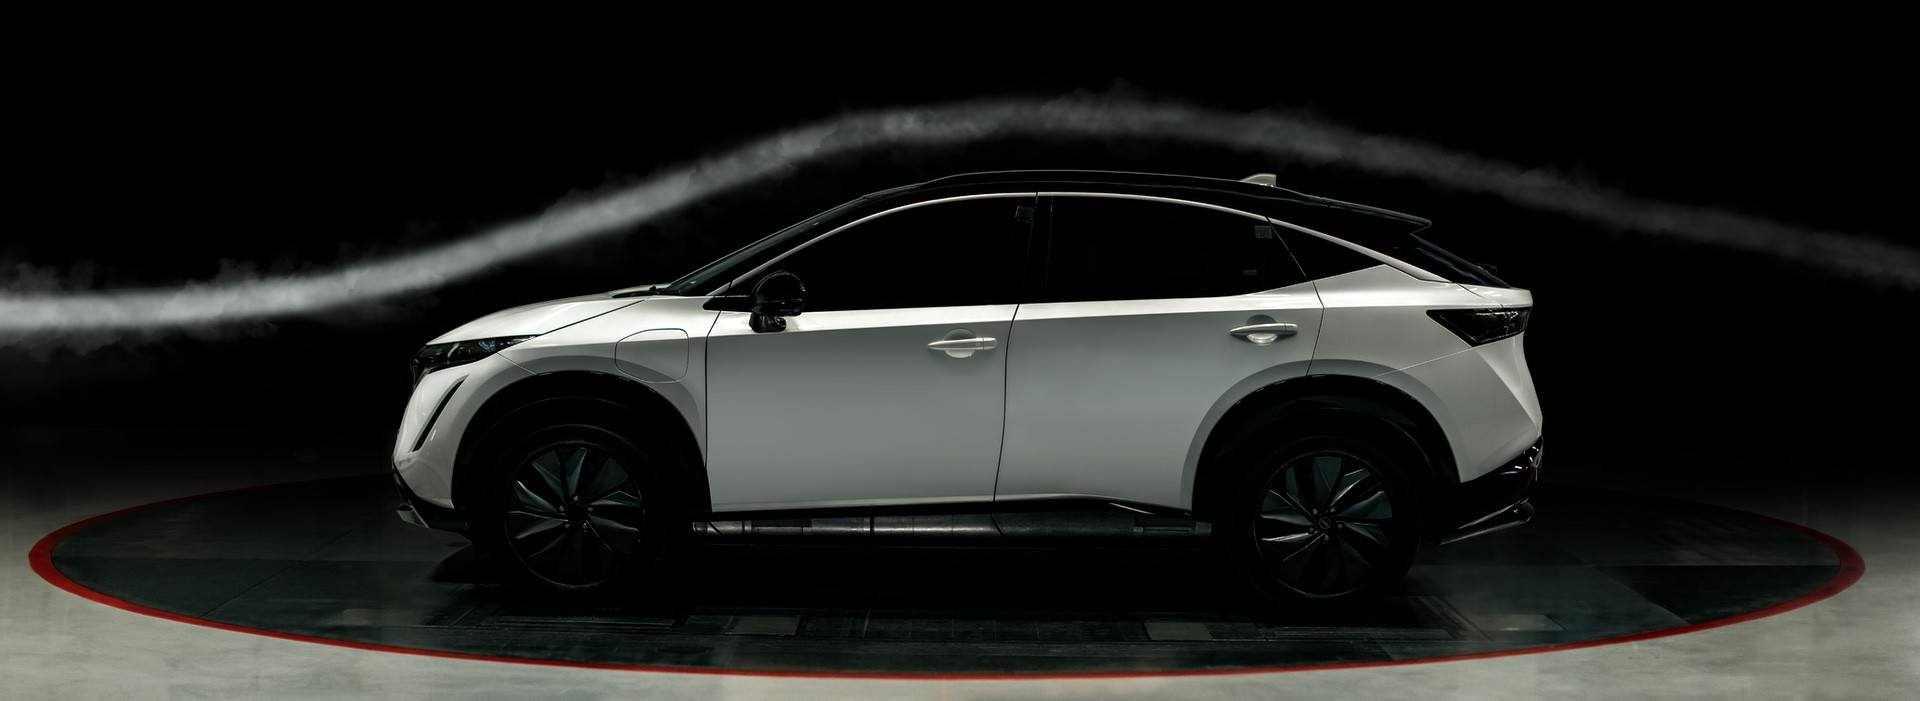 NissanAriyaAerodynamics_3